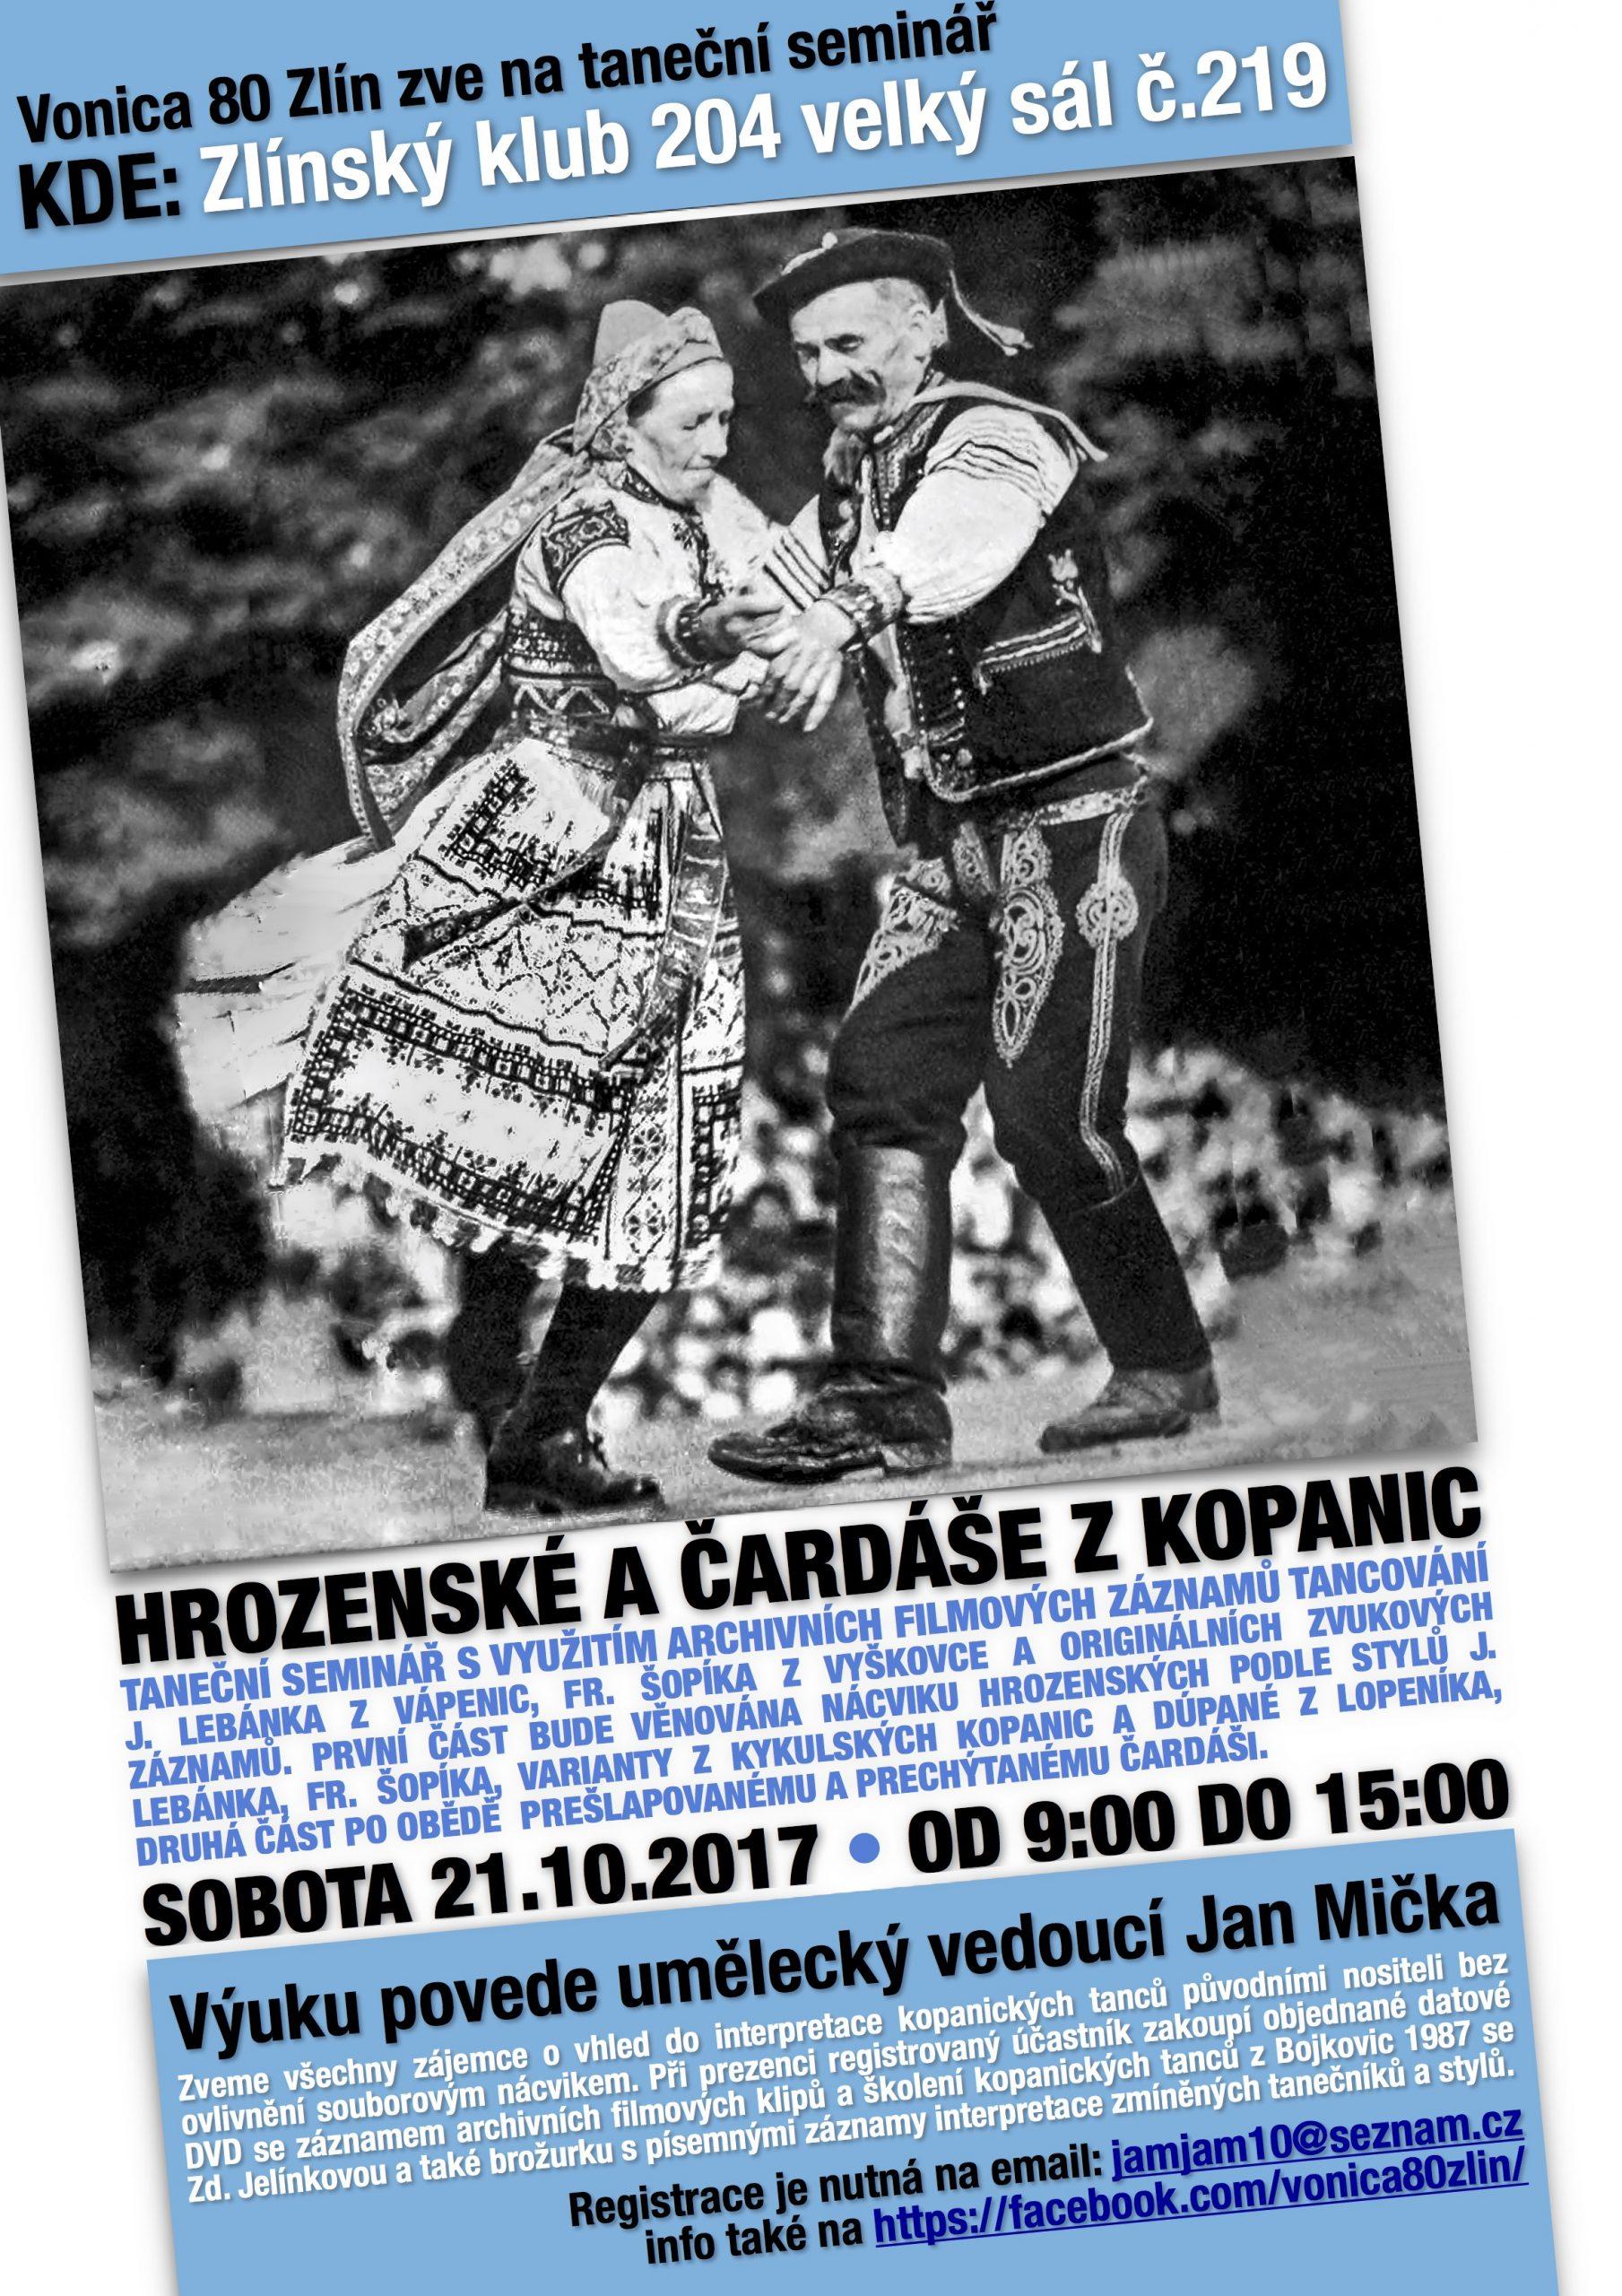 Taneční seminář Hrozenské a Čardáše z Kopanic